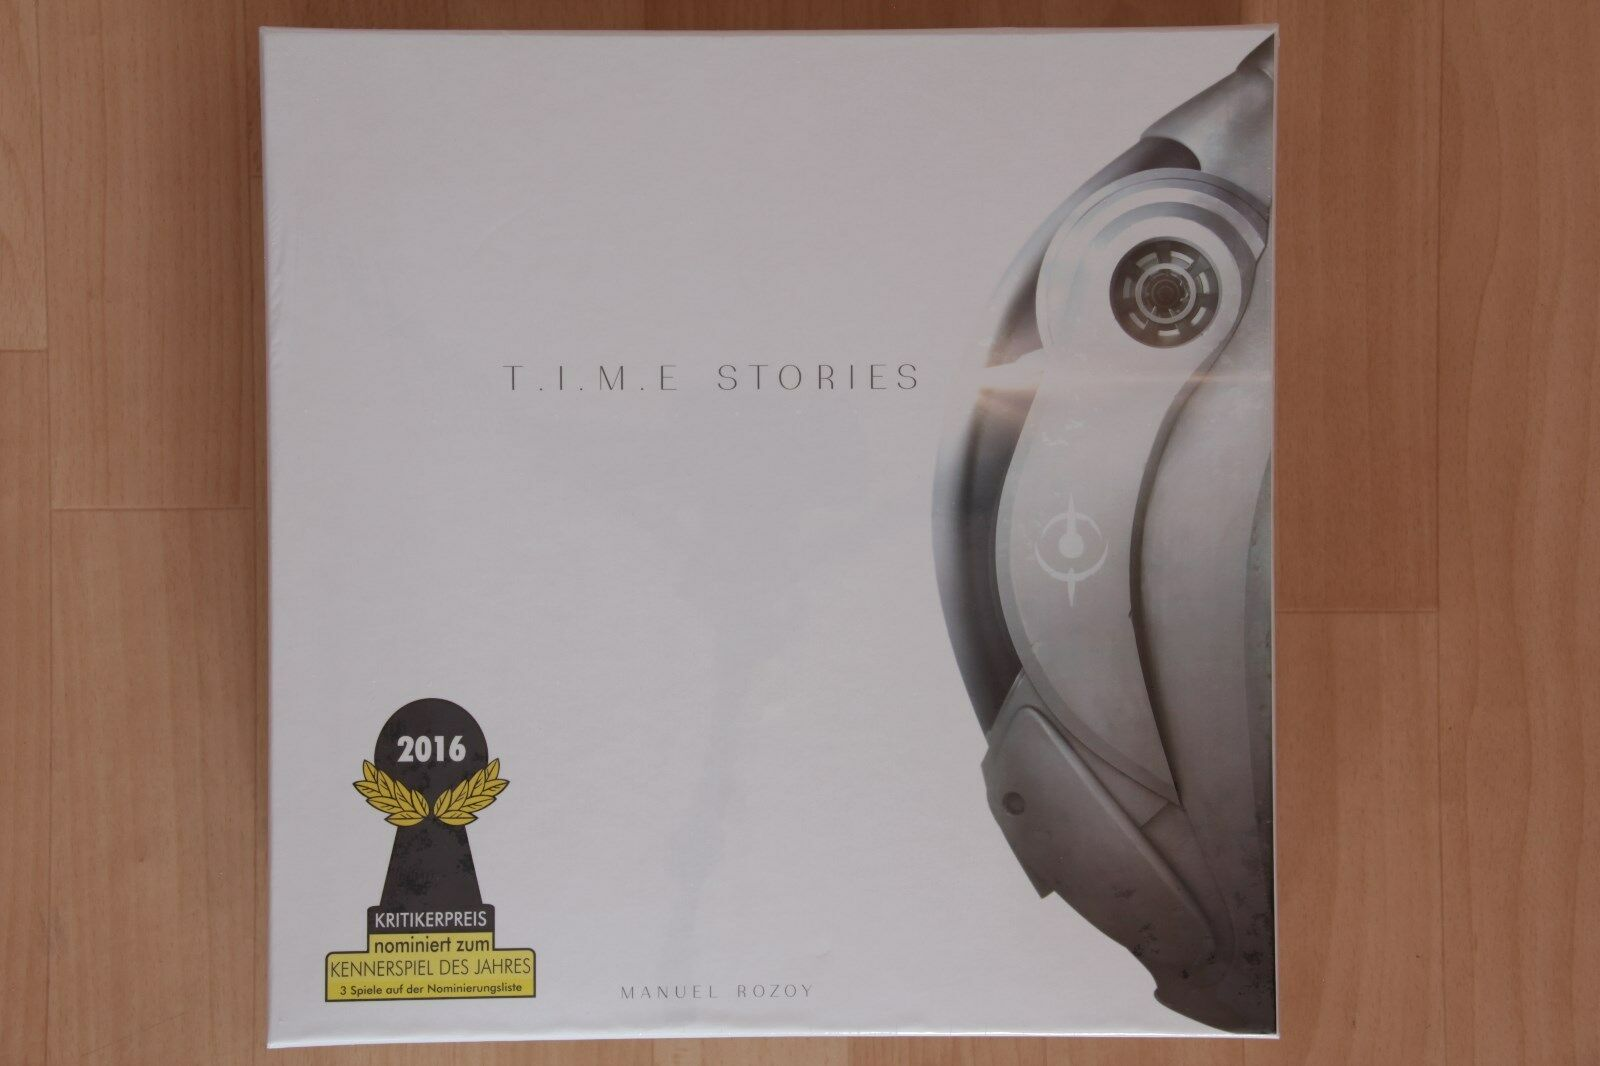 T.I.M.E. TIME Stories, Neu OVP noch in Folie verschweisst